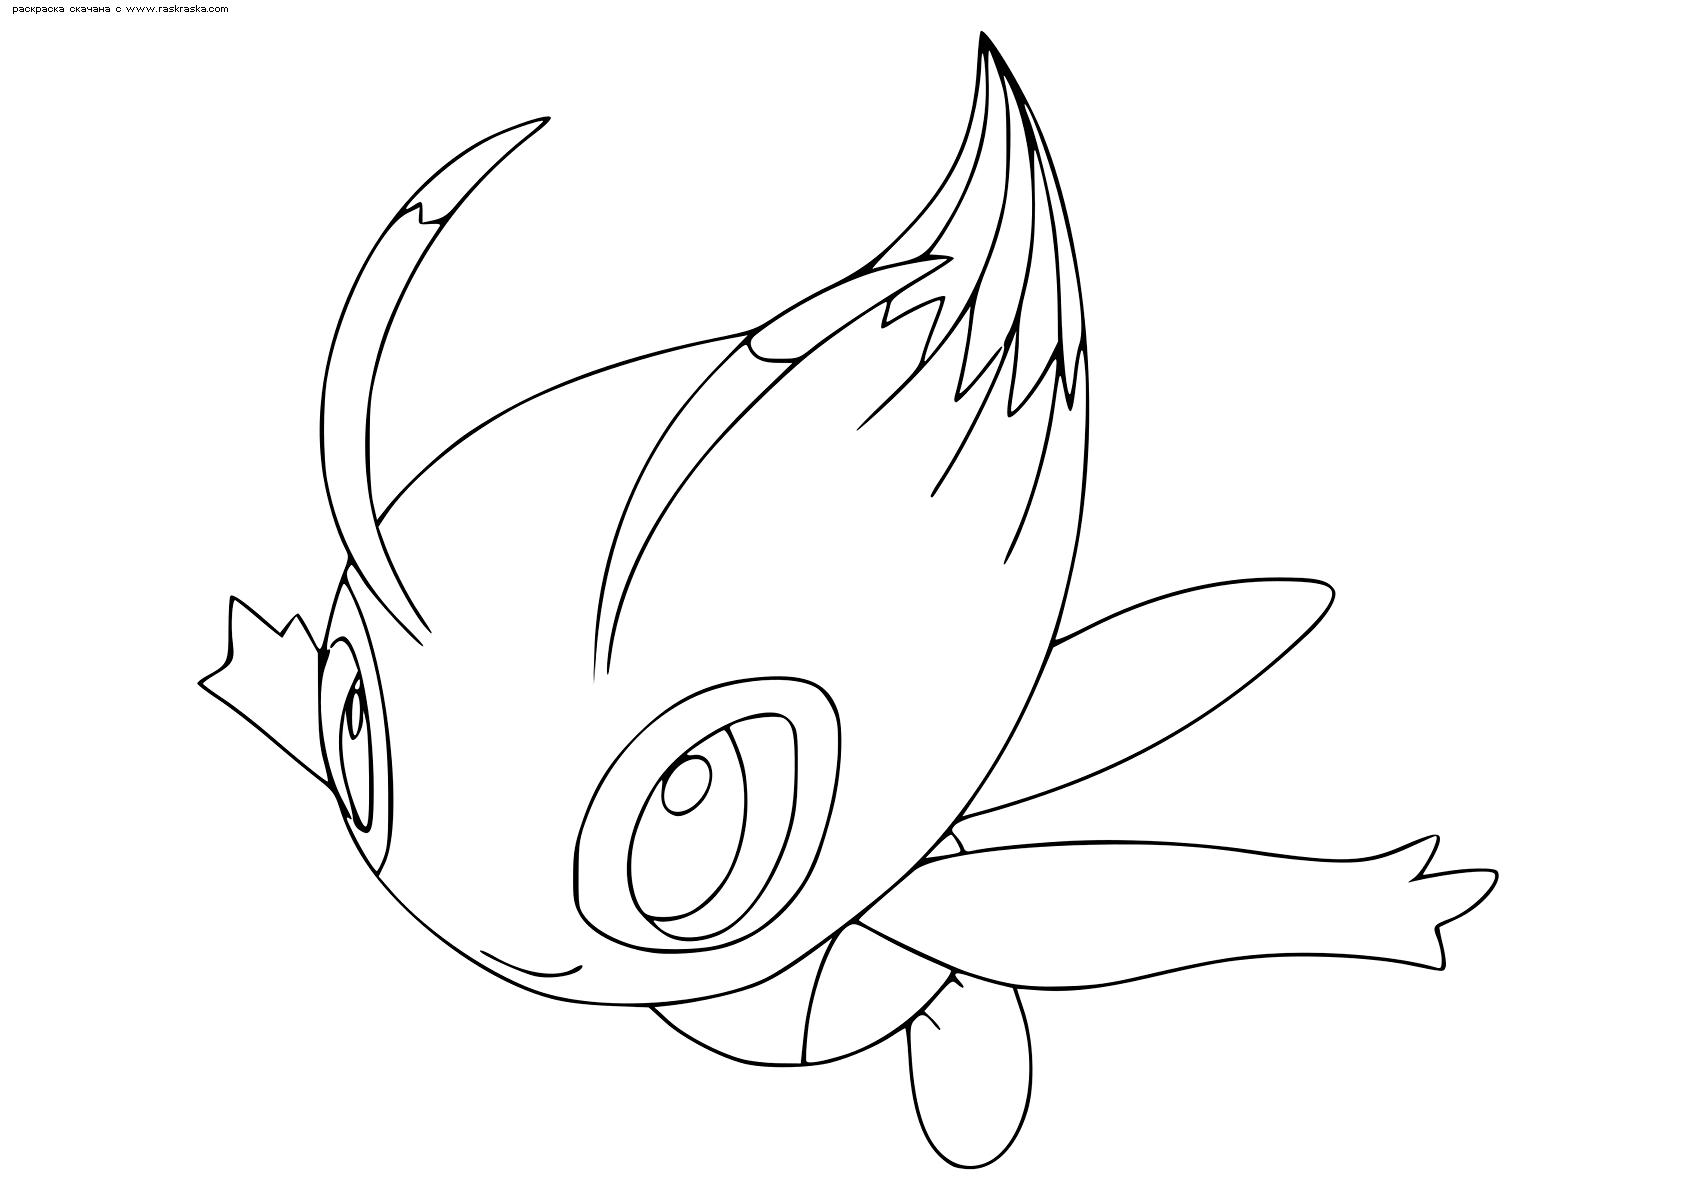 Раскраска Легендарный покемон Селеби (Celebi). Раскраска Покемон